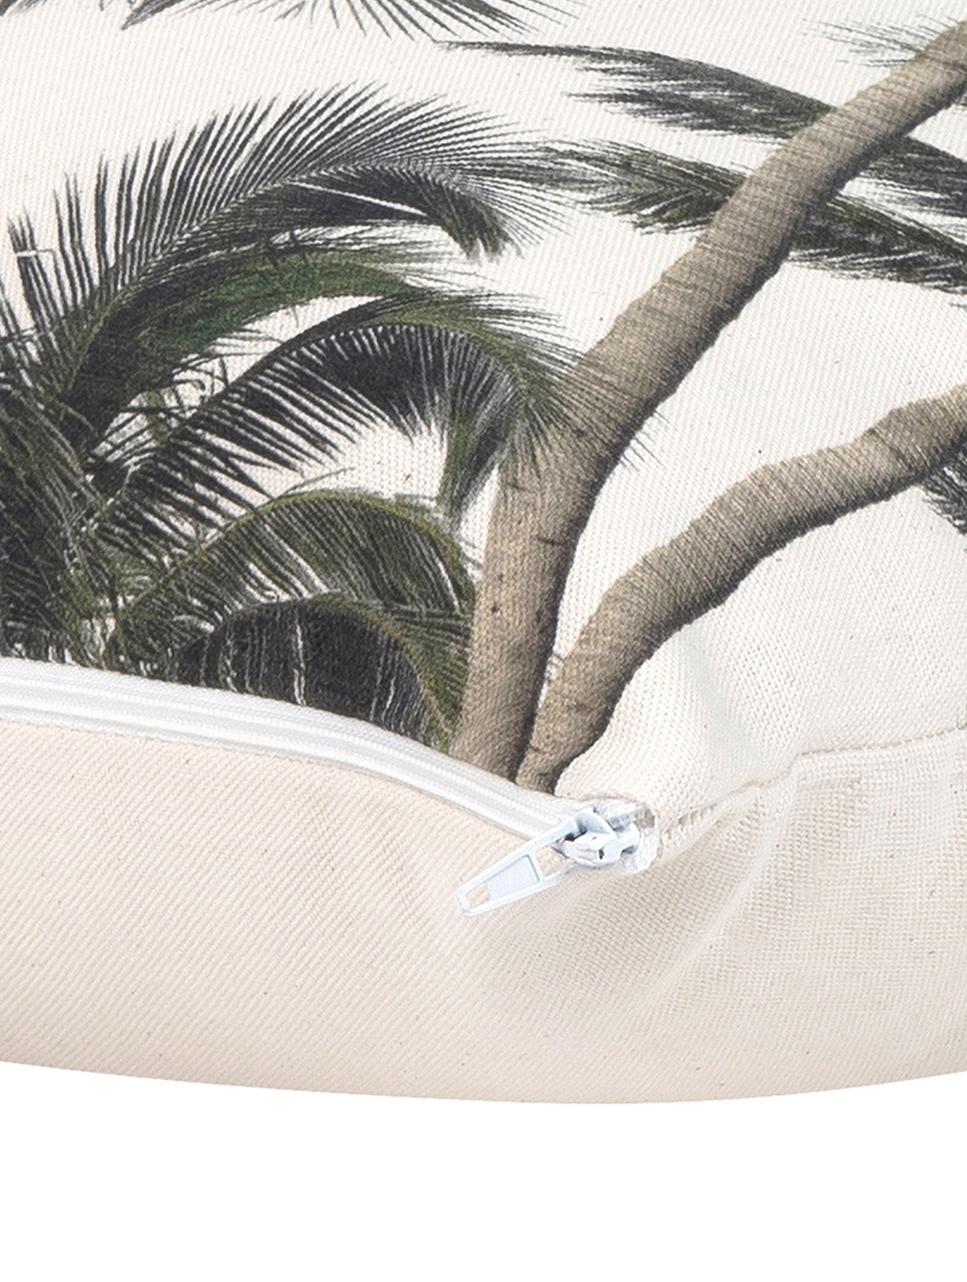 Kissenhülle Mogli mit Palmenprint, 100% Baumwolle, Ecru, Grün, 40 x 40 cm